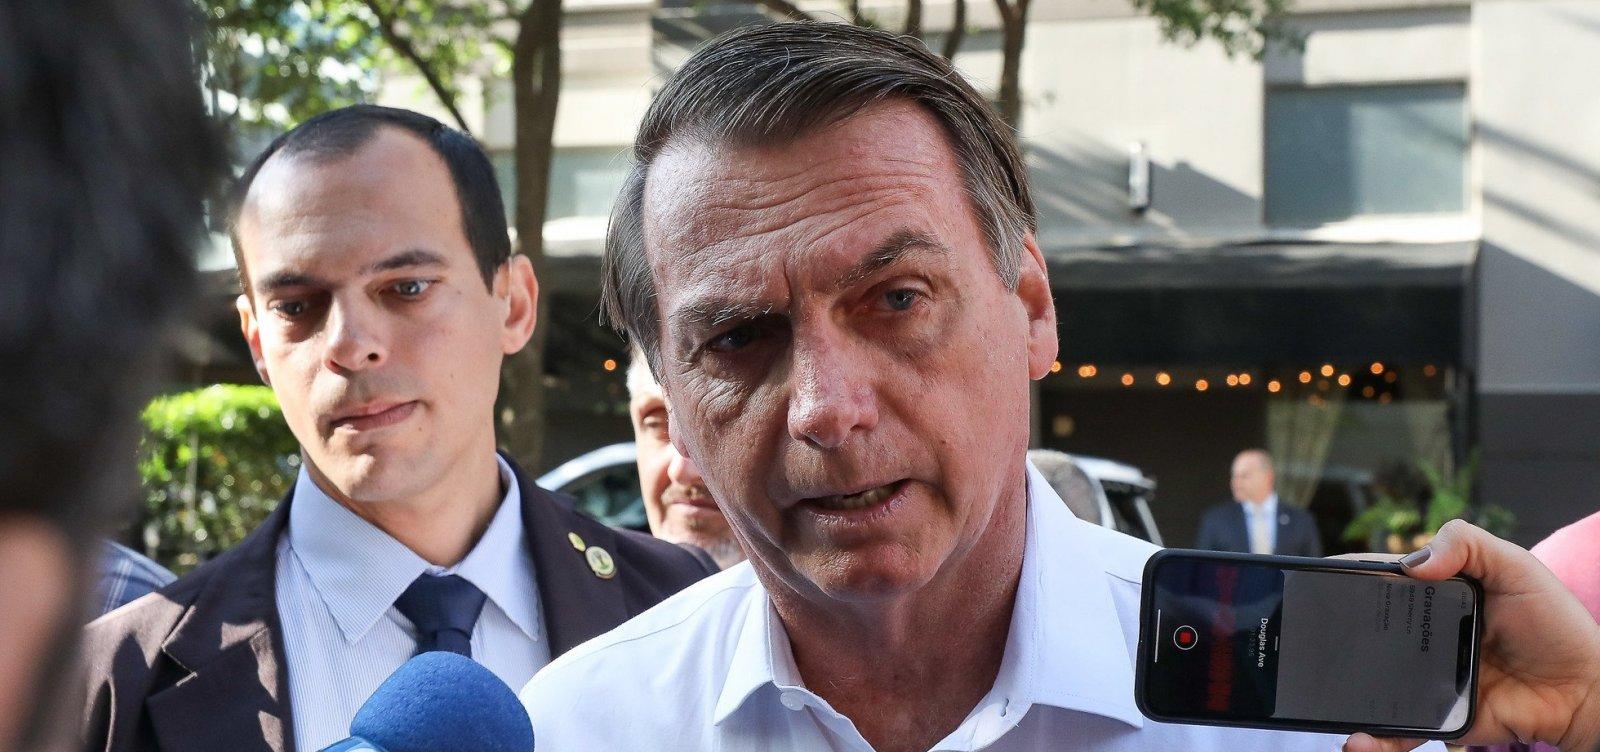 [Bolsonaro critica investigação sobre filho: 'Venham pra cima, não vão me pegar']